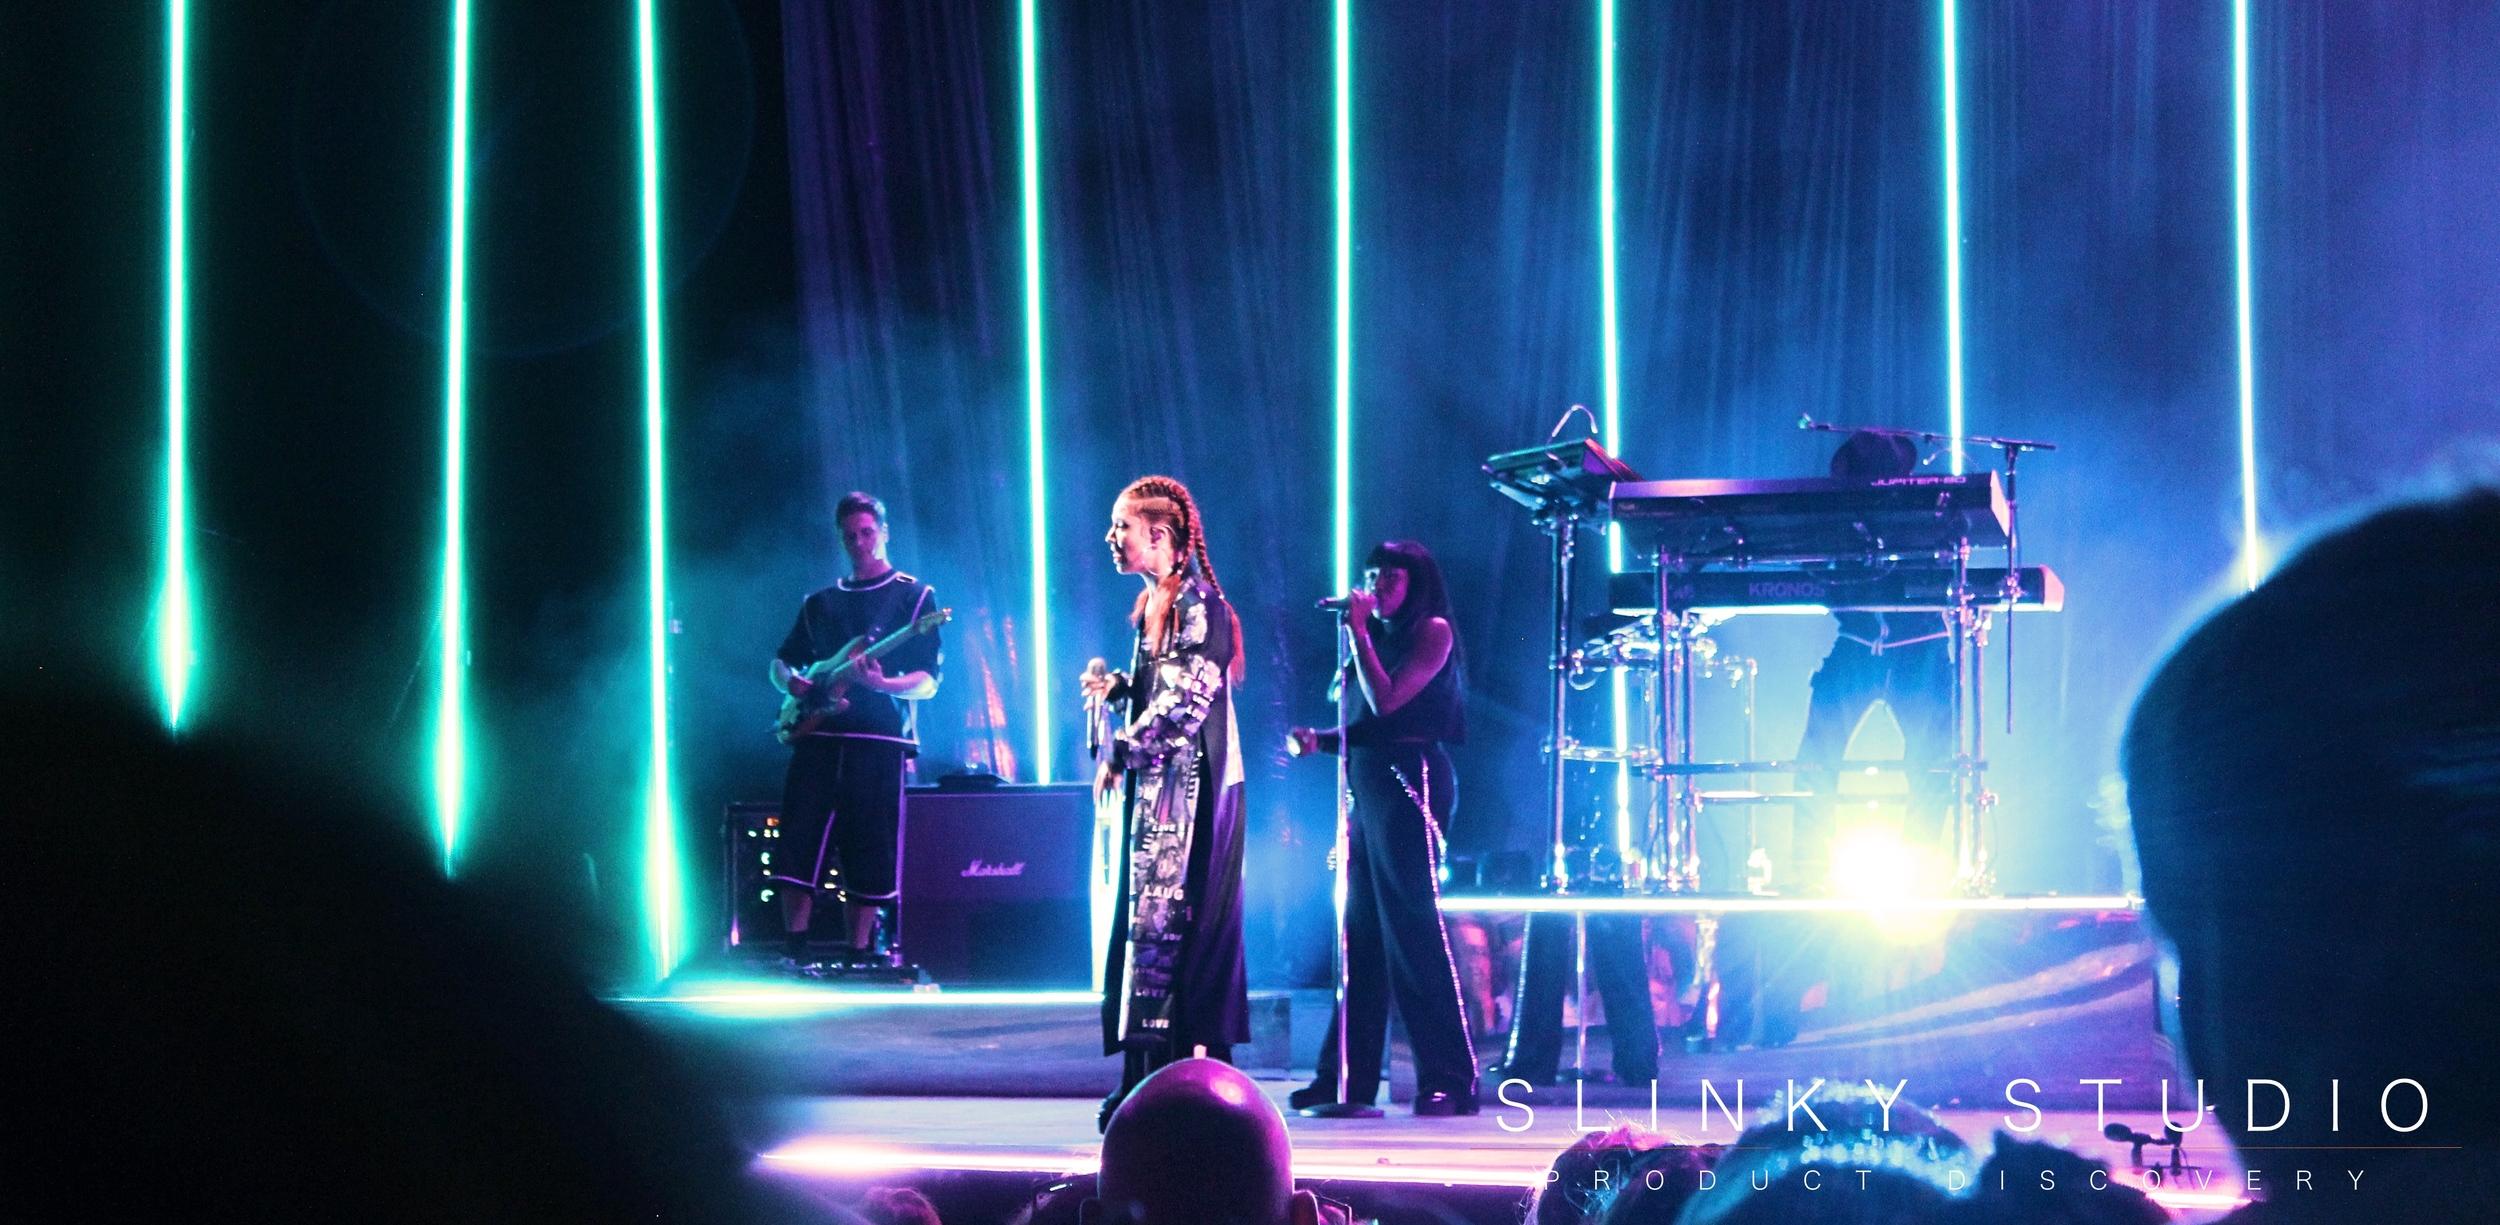 Jess Glynne - Eden Sessions Strobe Lighting.jpg